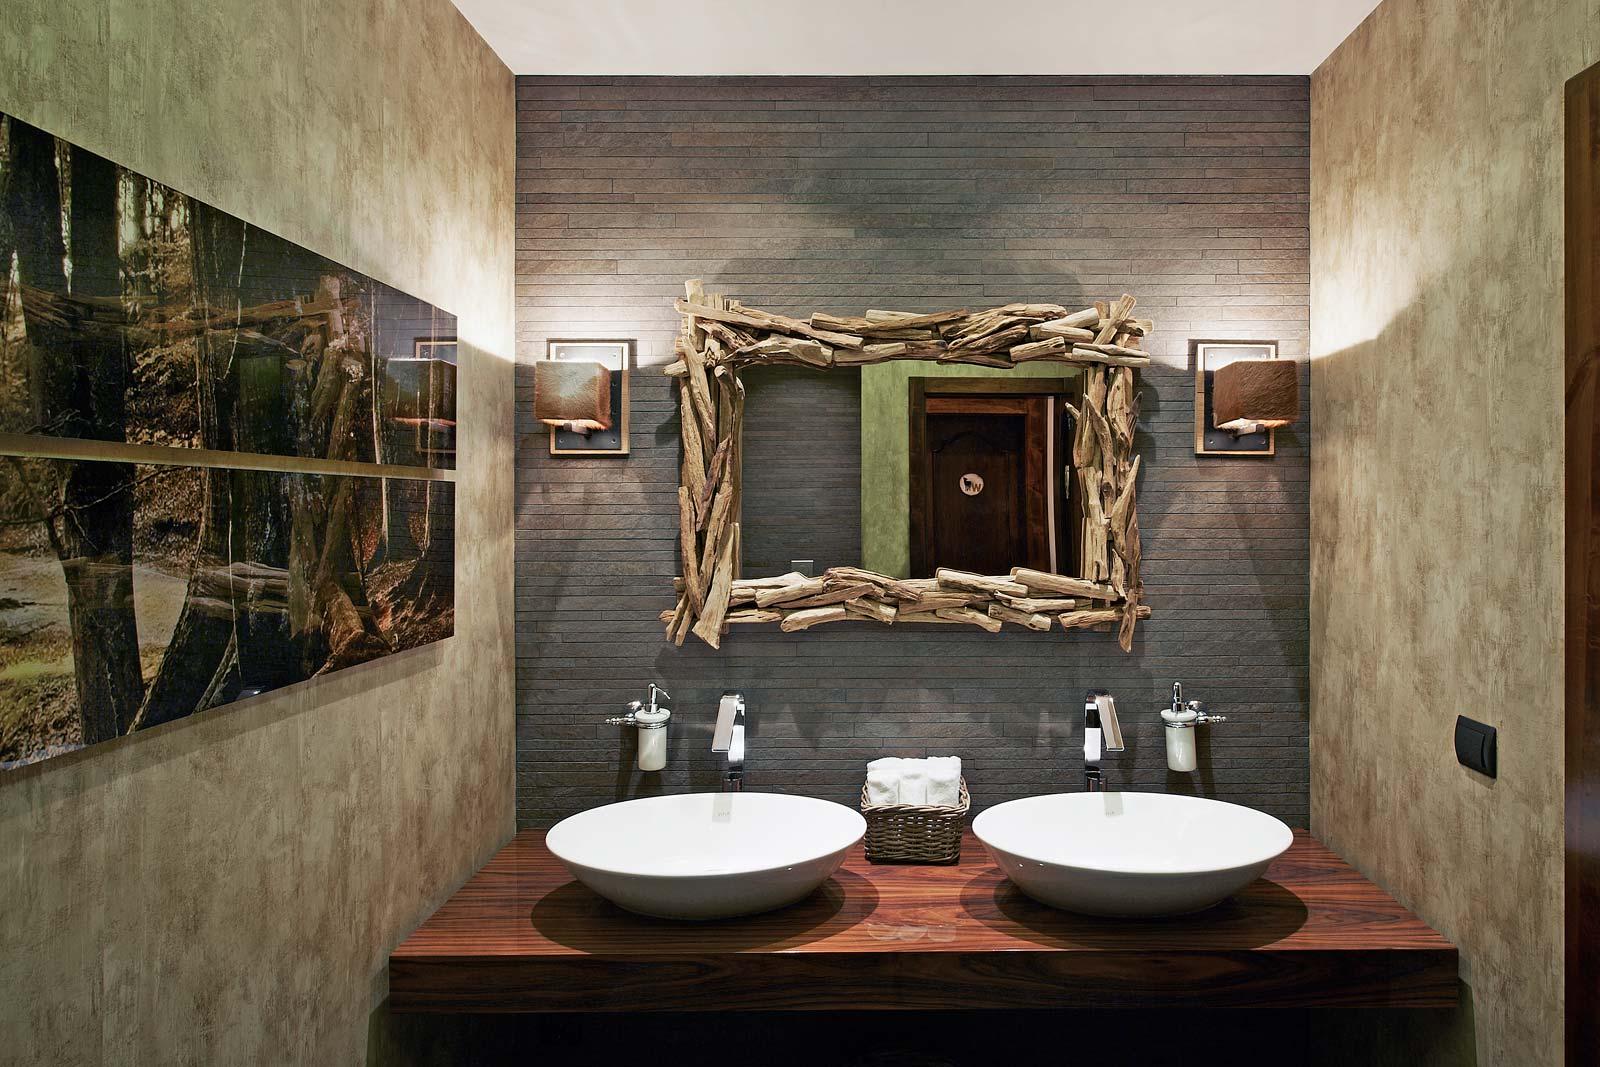 Туалеты в офисе, Туалет в офисе какаем и писаем на работе 6 фотография